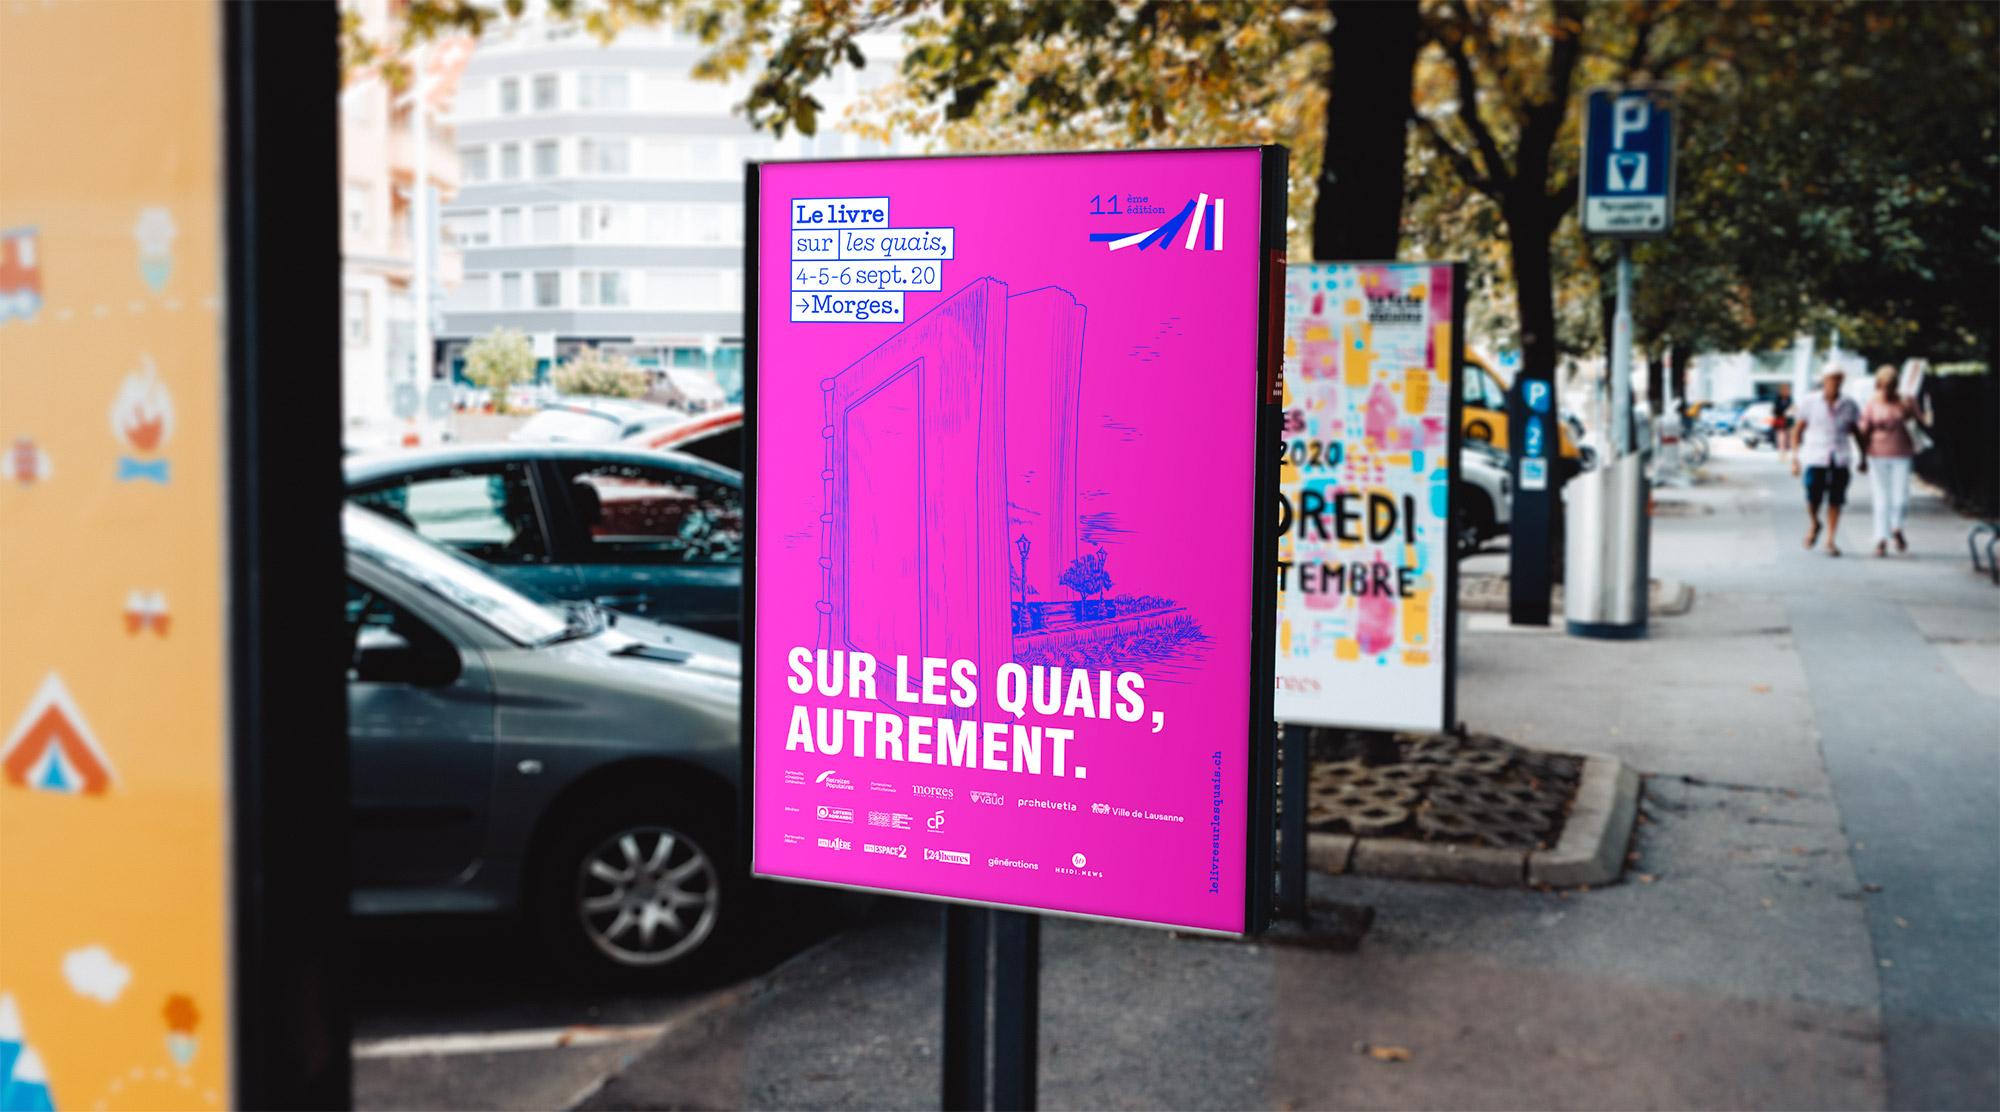 affiche-culturelle-rues-morges_helia alaui